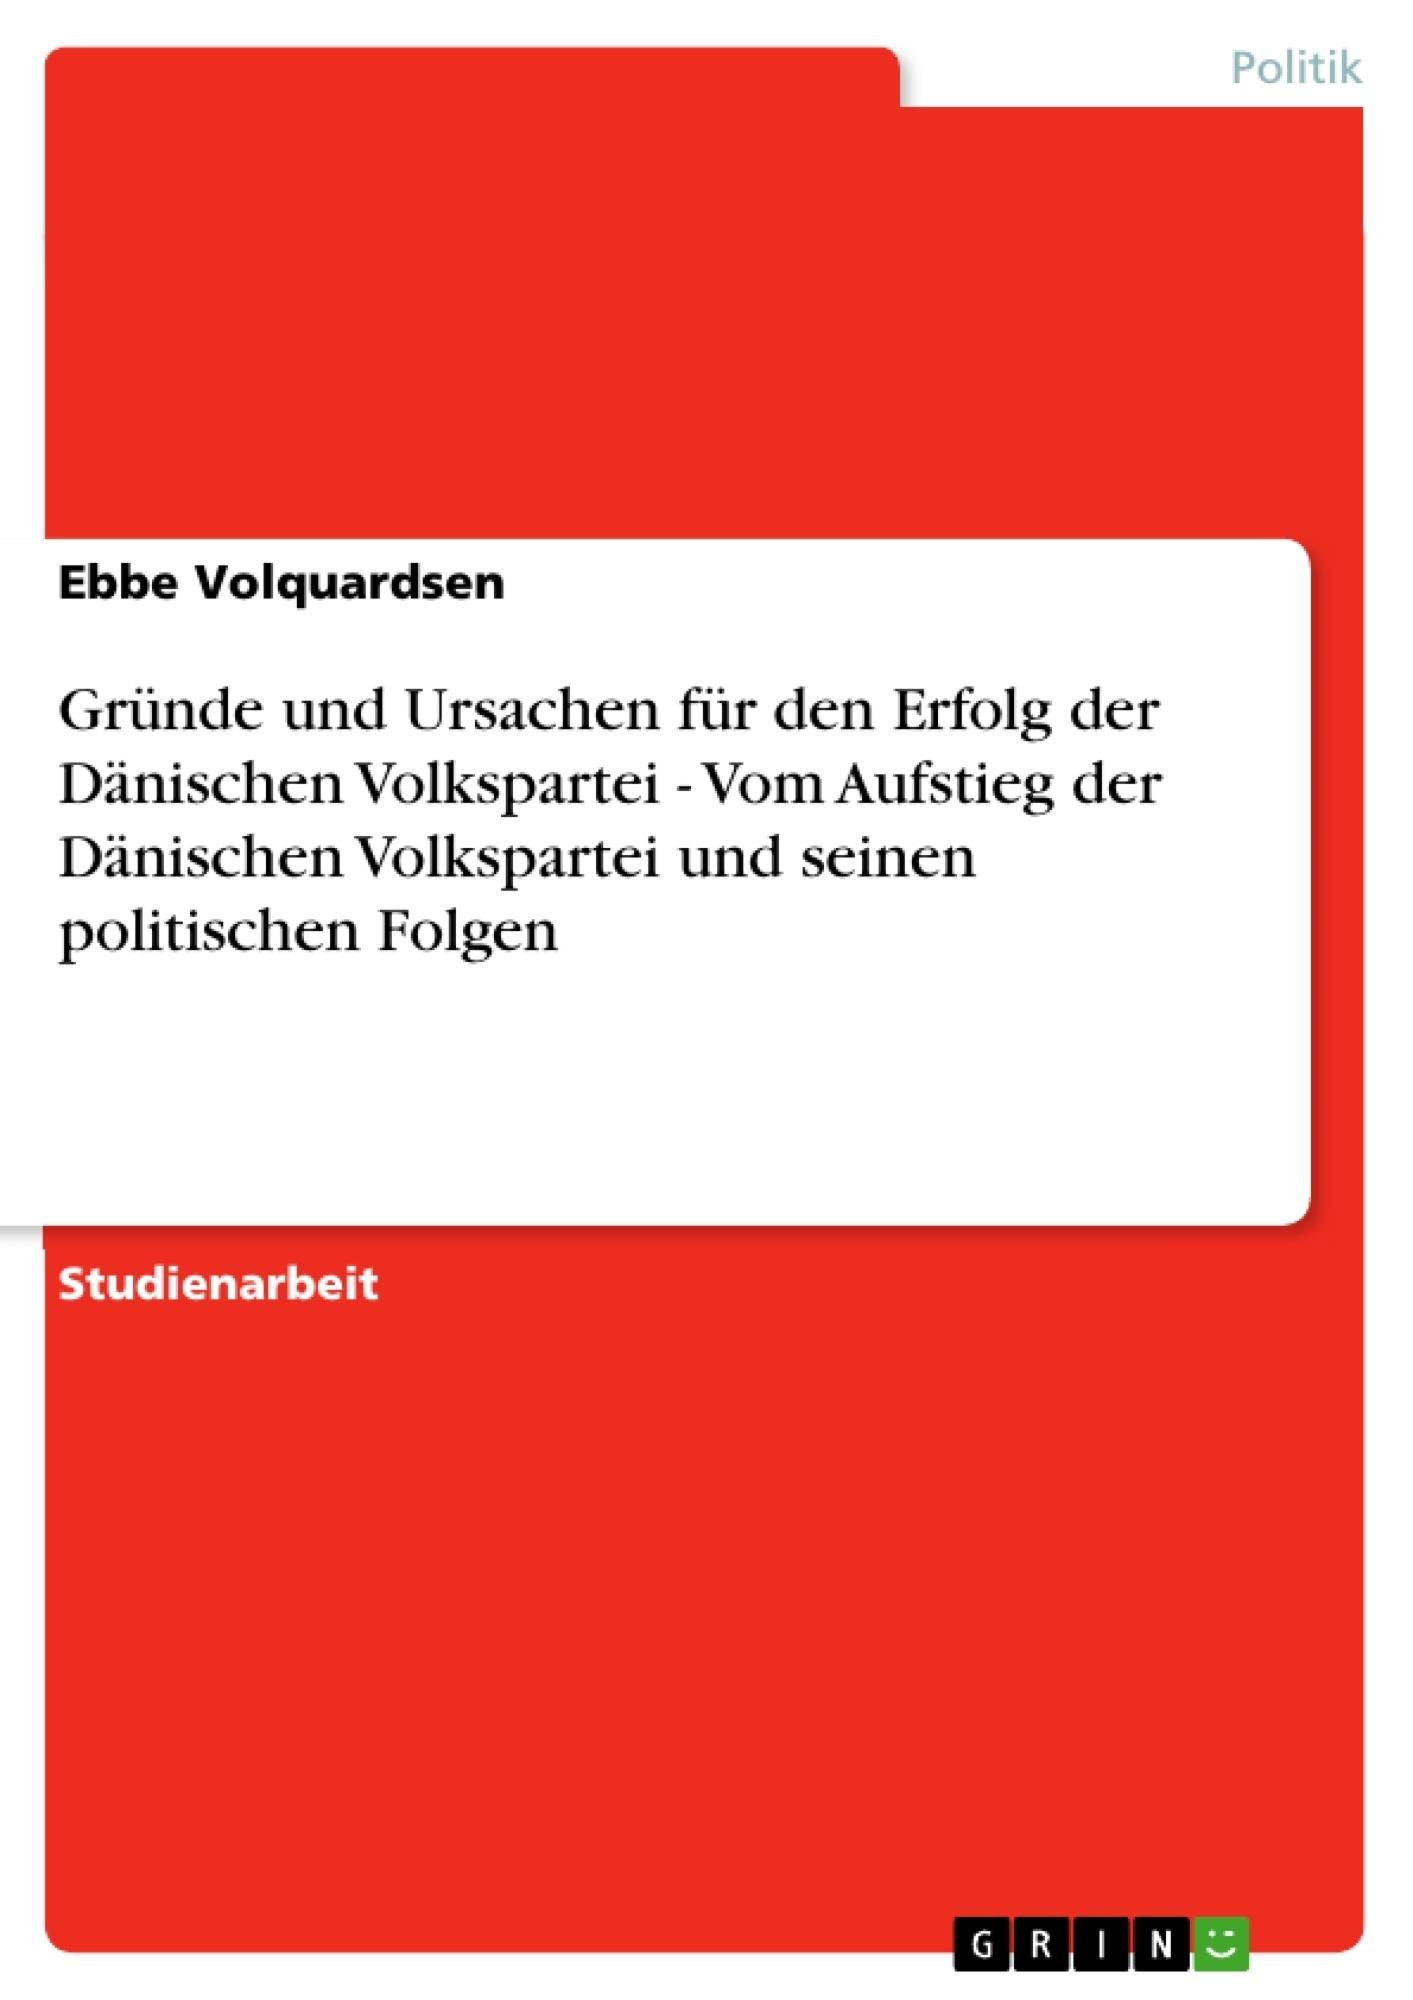 Titel: Gründe und Ursachen für den Erfolg der Dänischen Volkspartei - Vom Aufstieg der Dänischen Volkspartei und seinen politischen Folgen